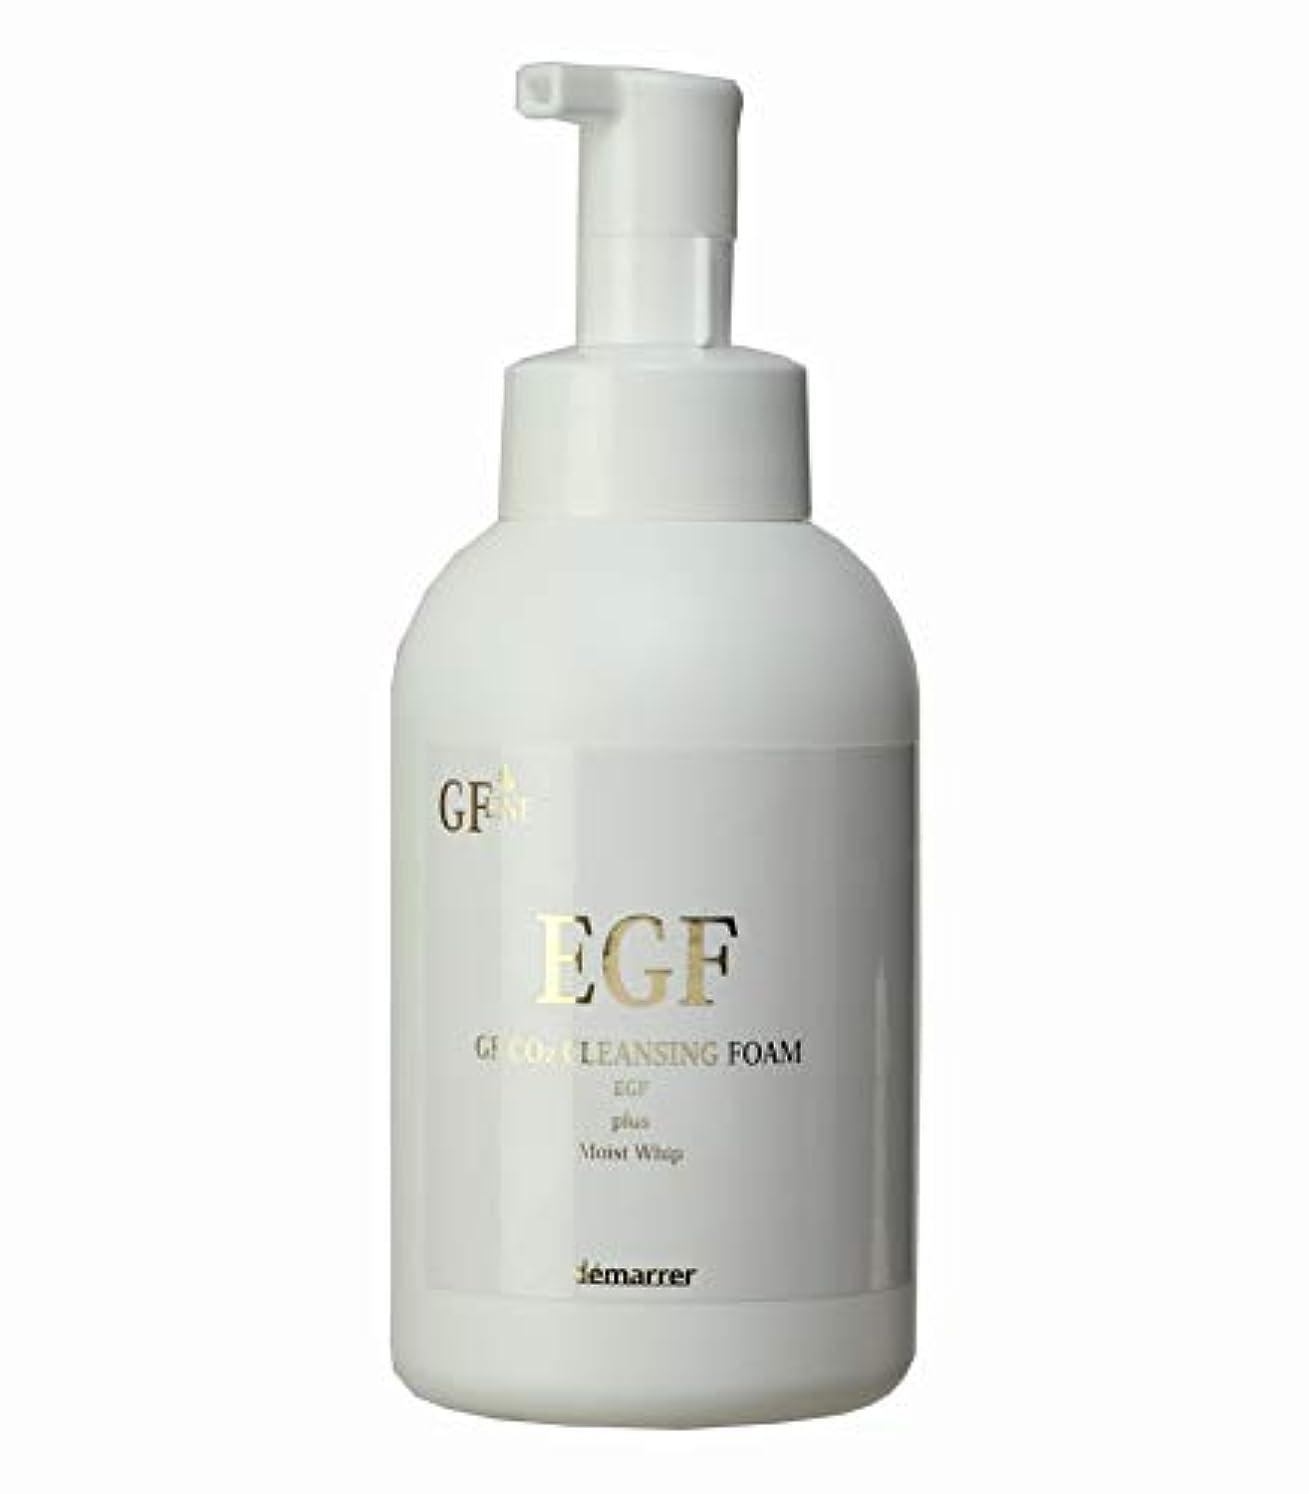 型ウォルターカニンガムカップルデマレ GF炭酸洗顔フォーム 500ml